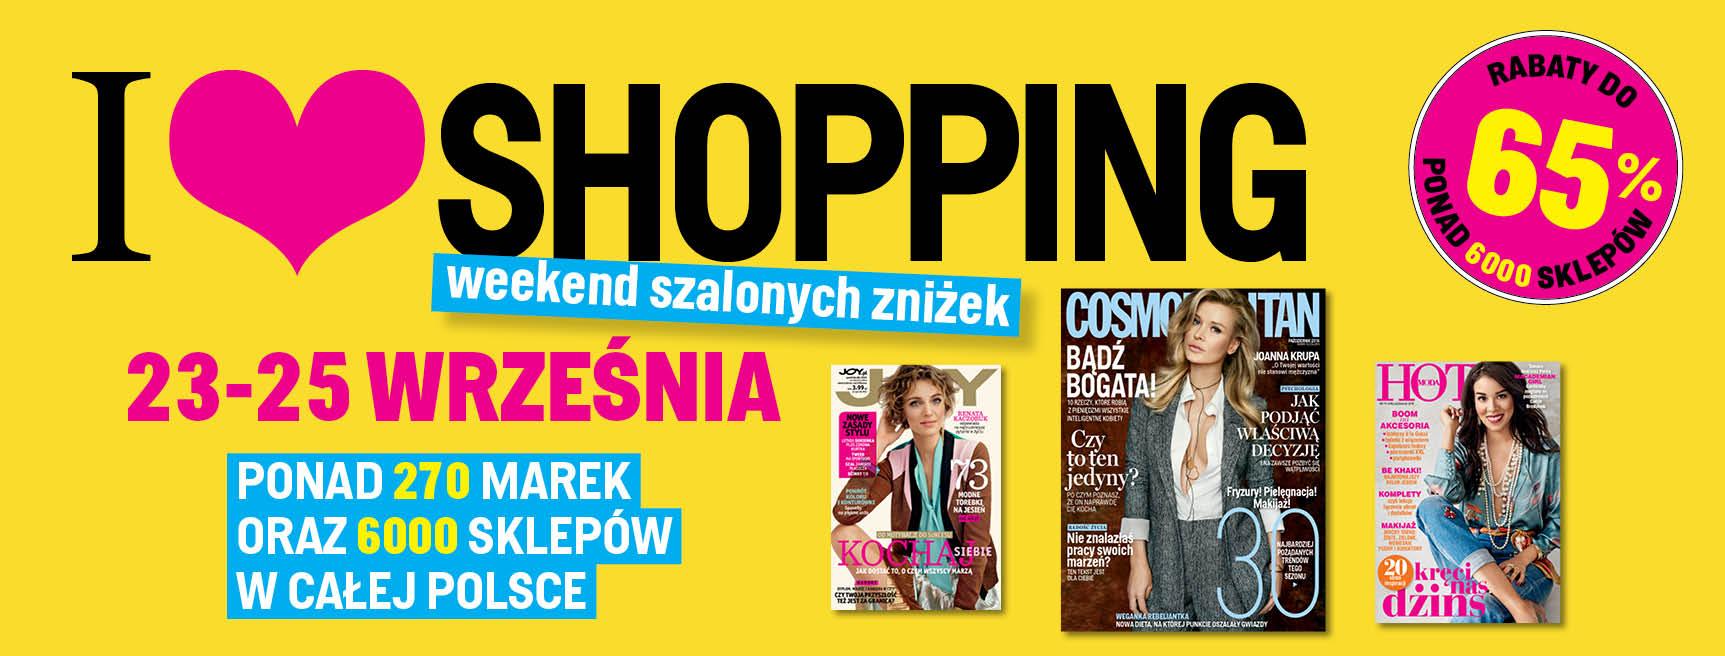 Weekend Zniżek w całej Polsce 23-25 września 2016 z magazynami Joy, Hot Moda, Cosmopolitan